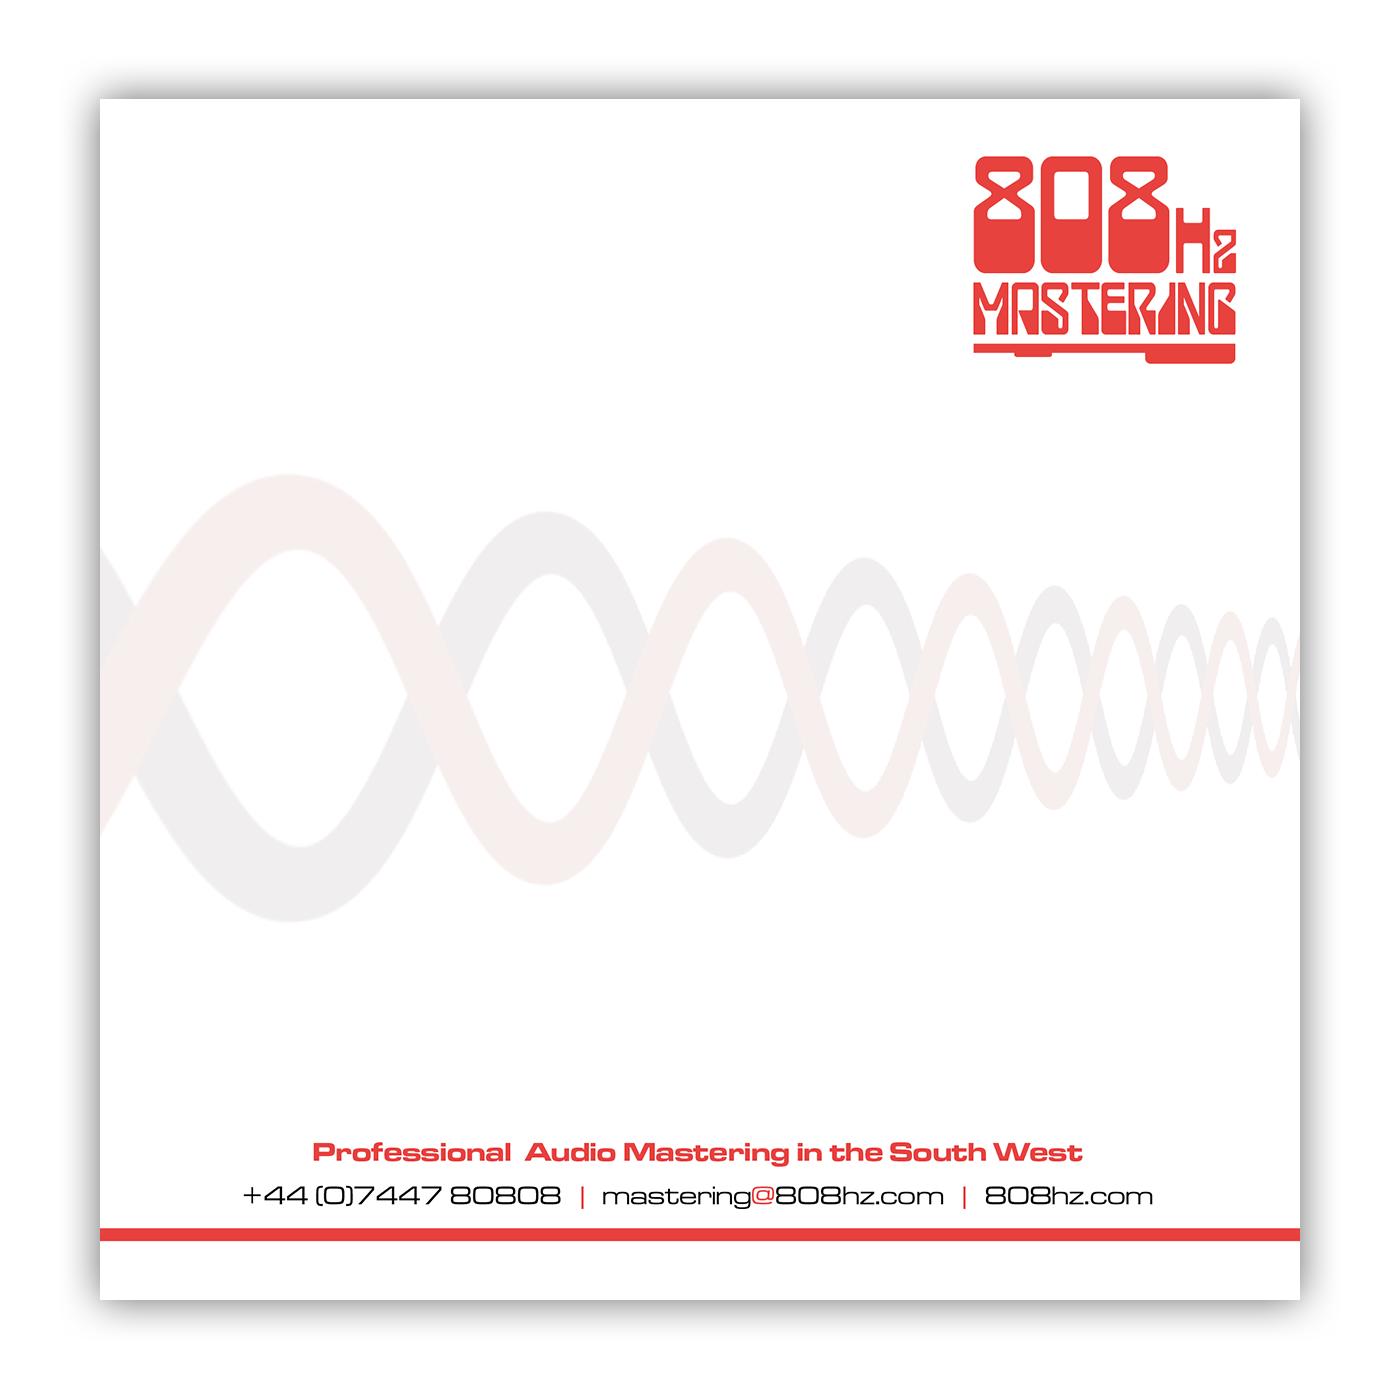 808Hz Mastering Compliments Slip Design